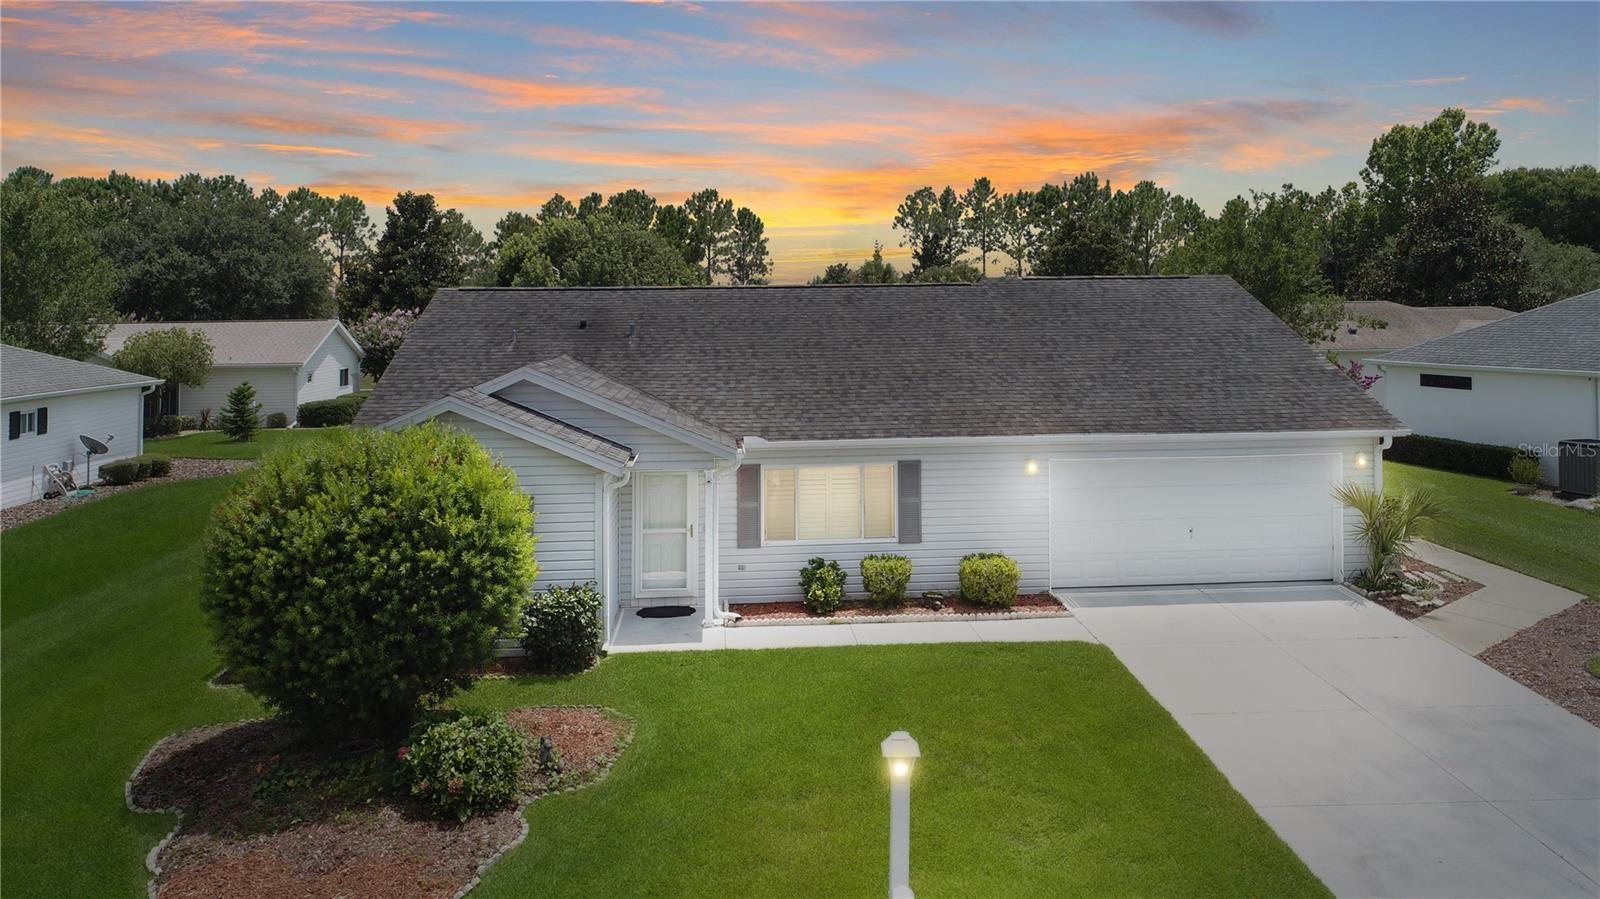 8564 SE 137TH LOOP, Summerfield, FL 34491 - #: G5044739